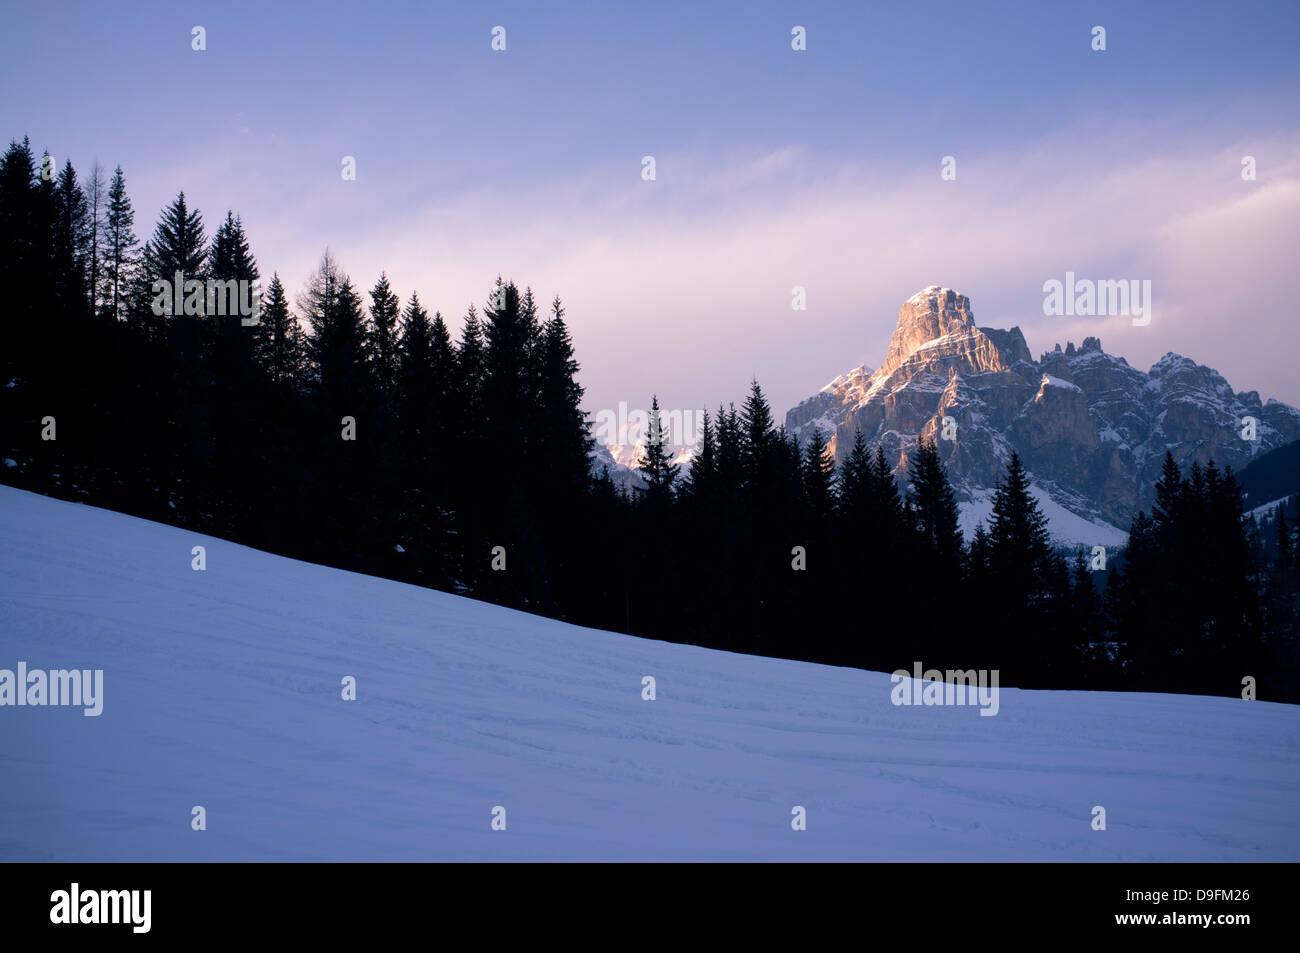 L'ultimo run, la vista della montagna Sassongher al tramonto da una pista ad Alta Badia ski resort, Dolomiti, Immagini Stock